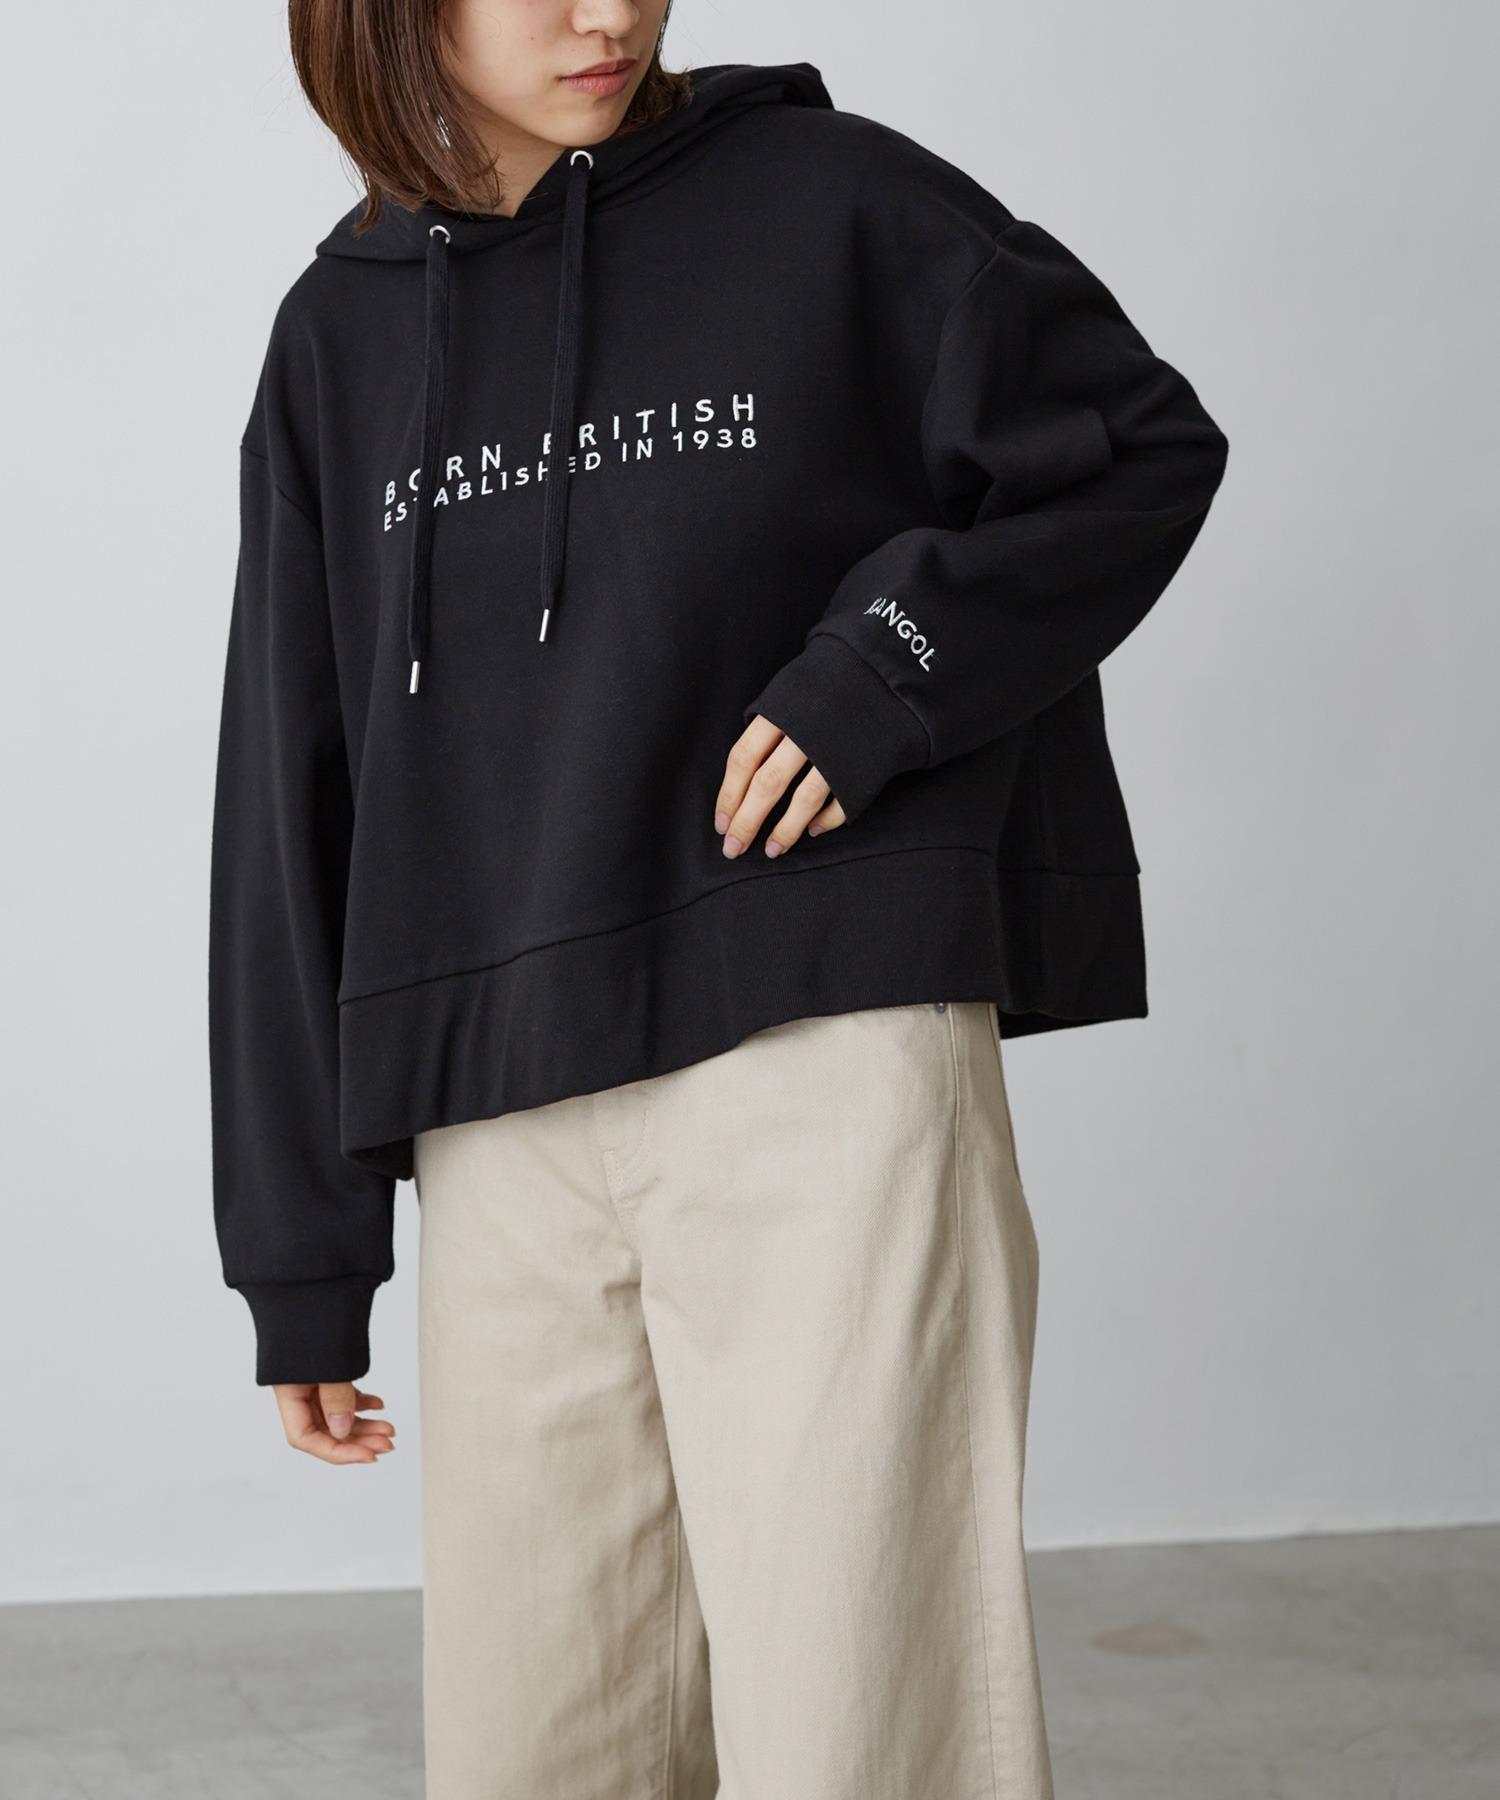 KANGOL/カンゴール Chaco closet別注 ロゴ刺繍 ワイドフードスウェットパーカー